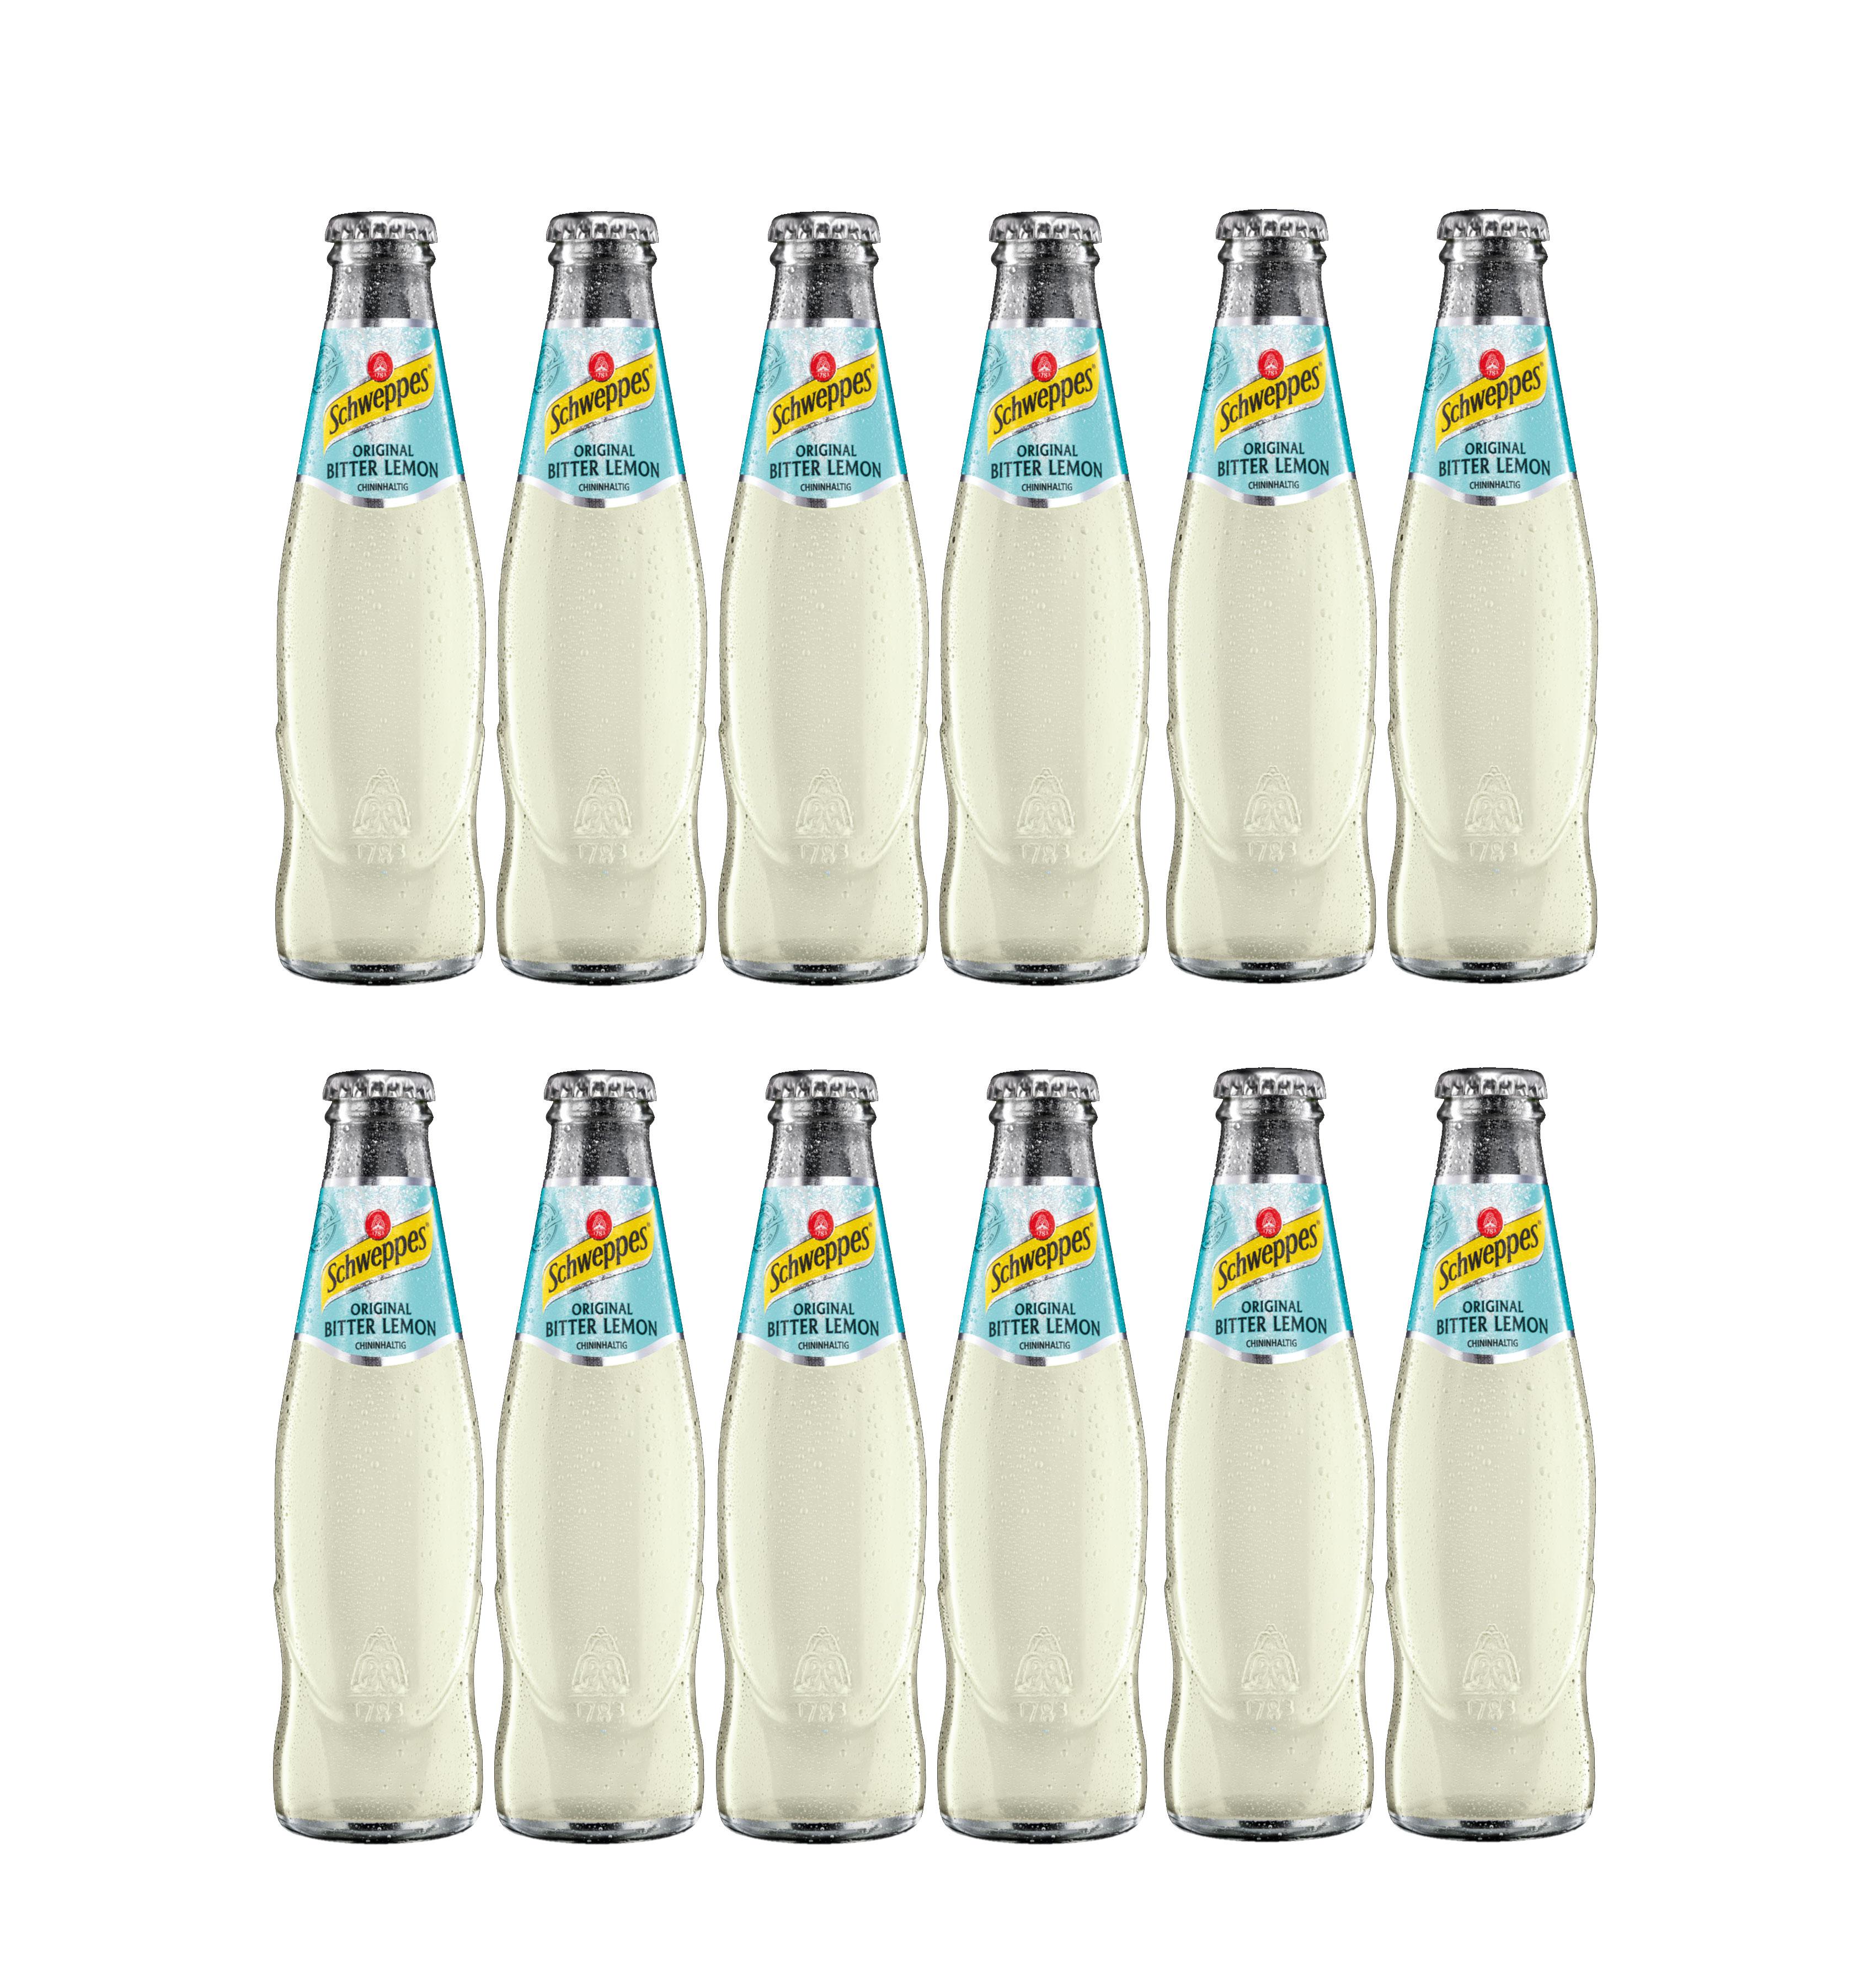 Schweppes 12er Set Bitter Lemon 12x 200ml - Inkl. Pfand MEHRWEG